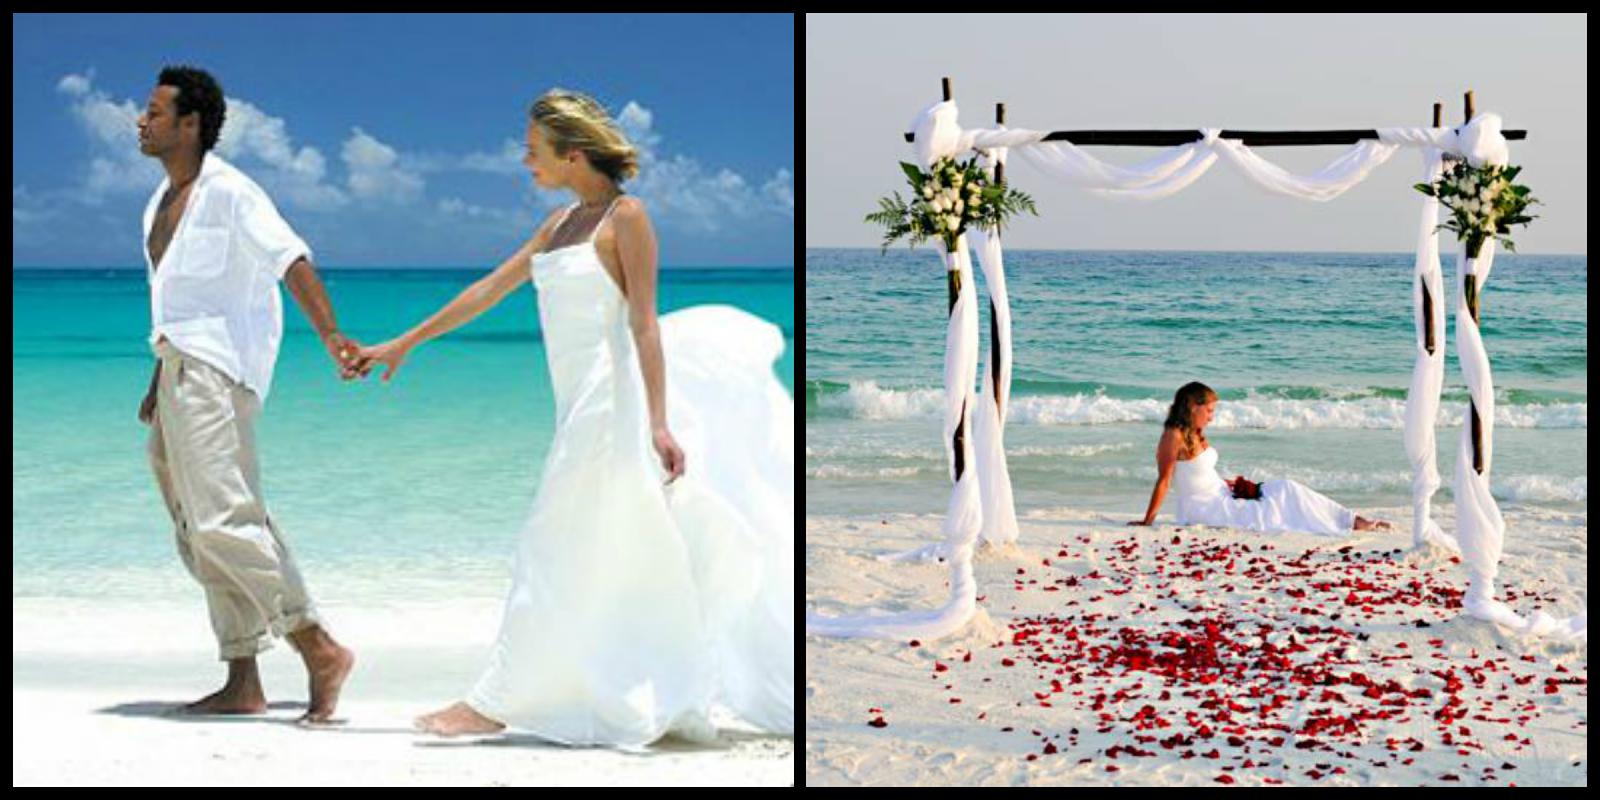 Matrimonio Simbolico En La Playa : Mcompany style cómo vestir en una boda la playa